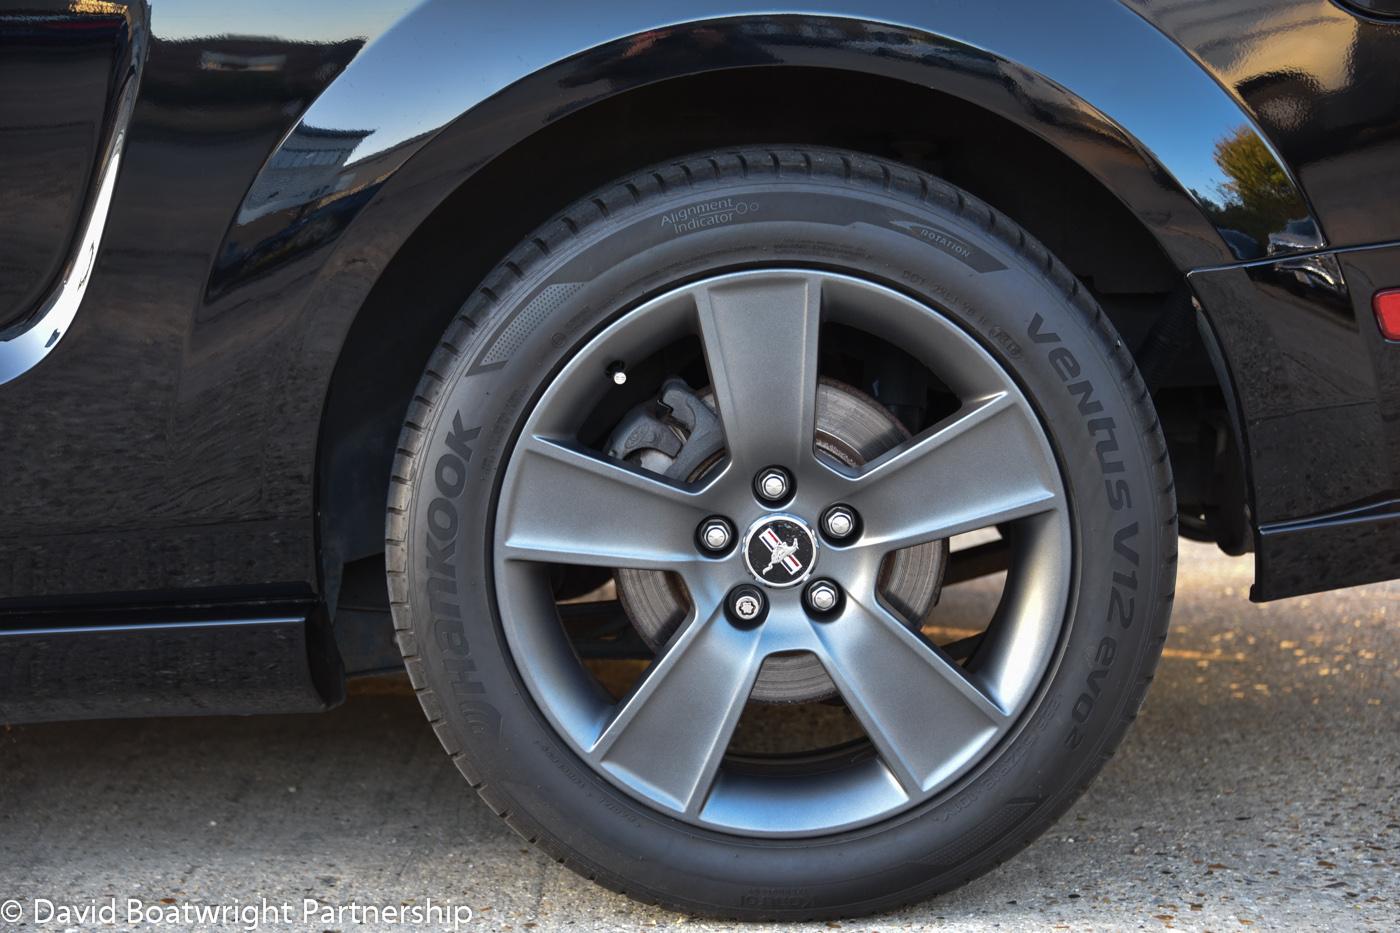 Mustang GT Wheel